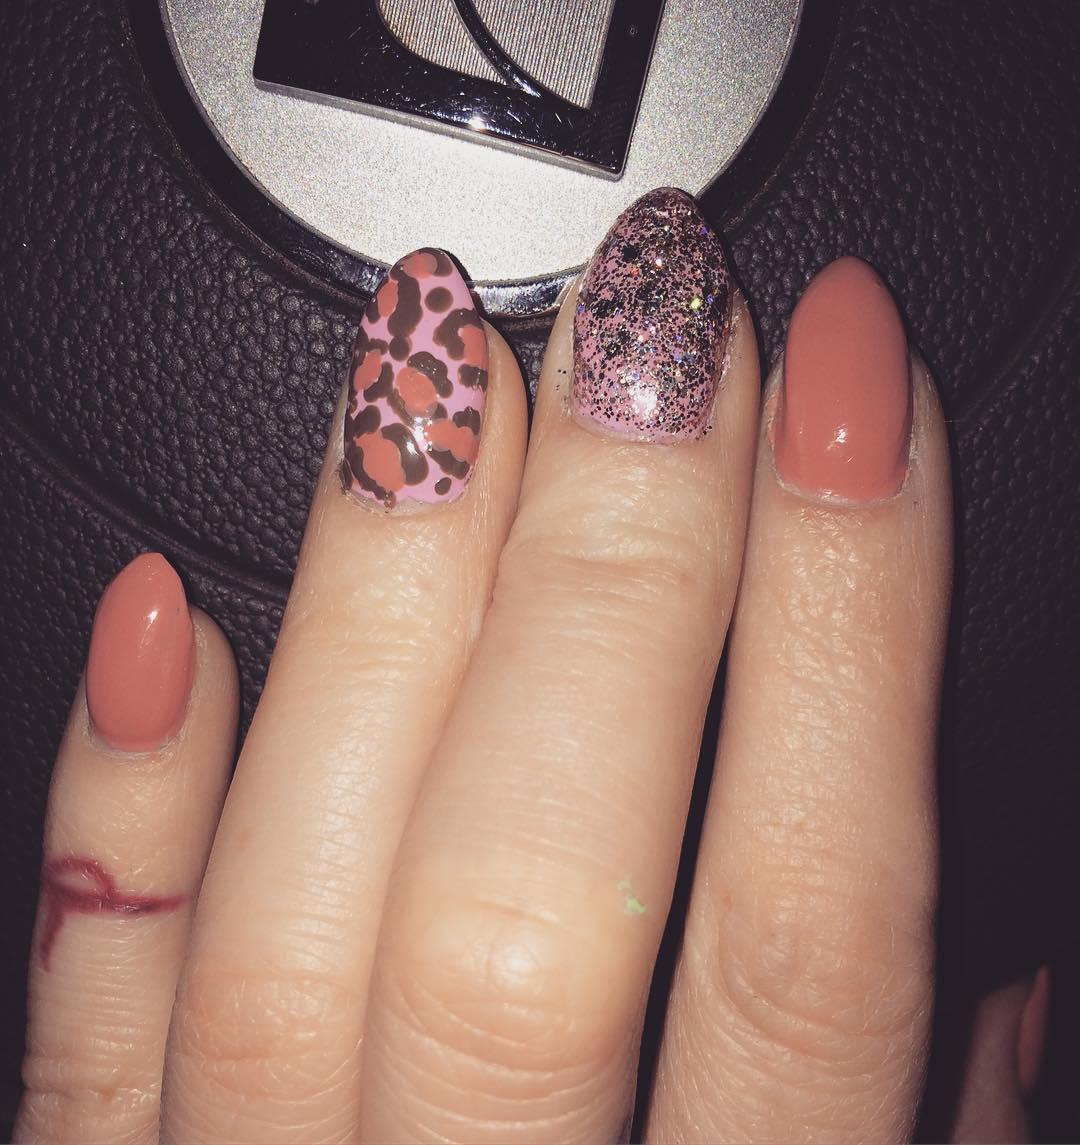 cheetah nail art designs and ideas for 2019 18 - 25 Cheetah Nail Art Designs and Ideas for 2019